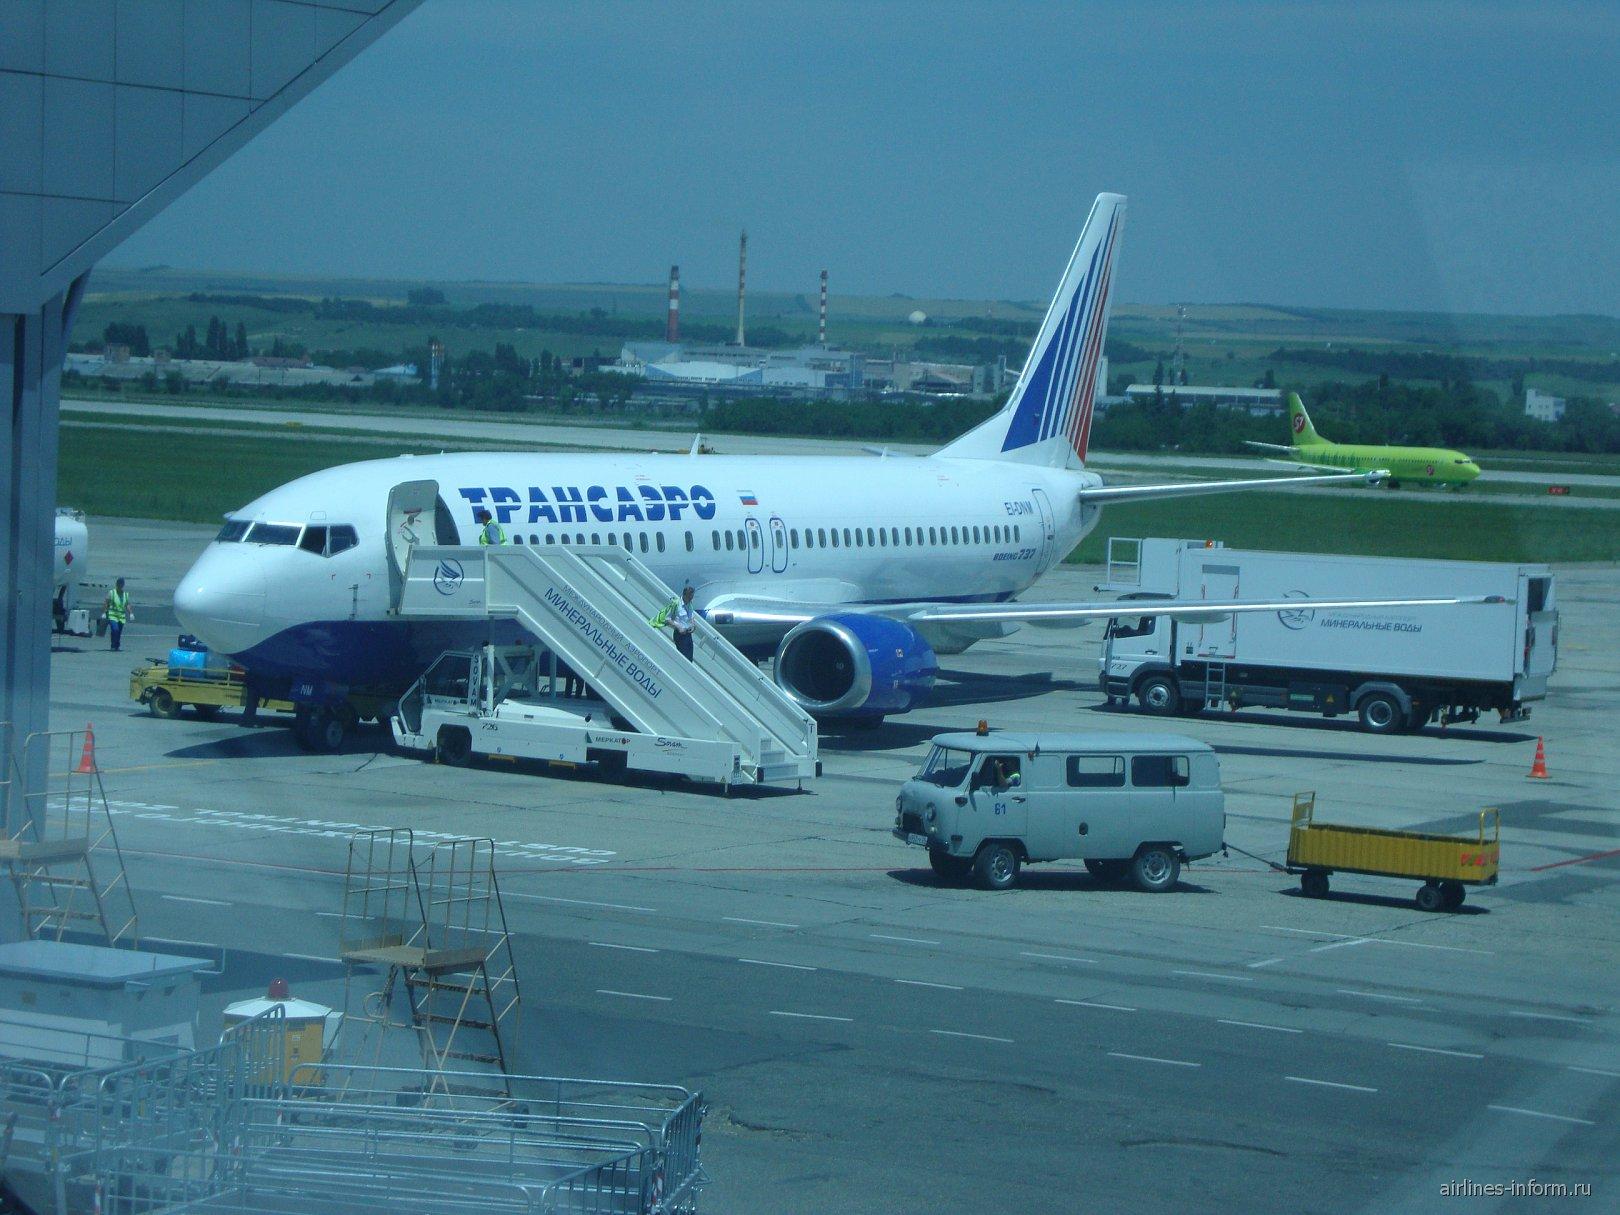 Боинг 737-400 (EI-DNM) Трансаэро в аэропорту Минеральные Воды